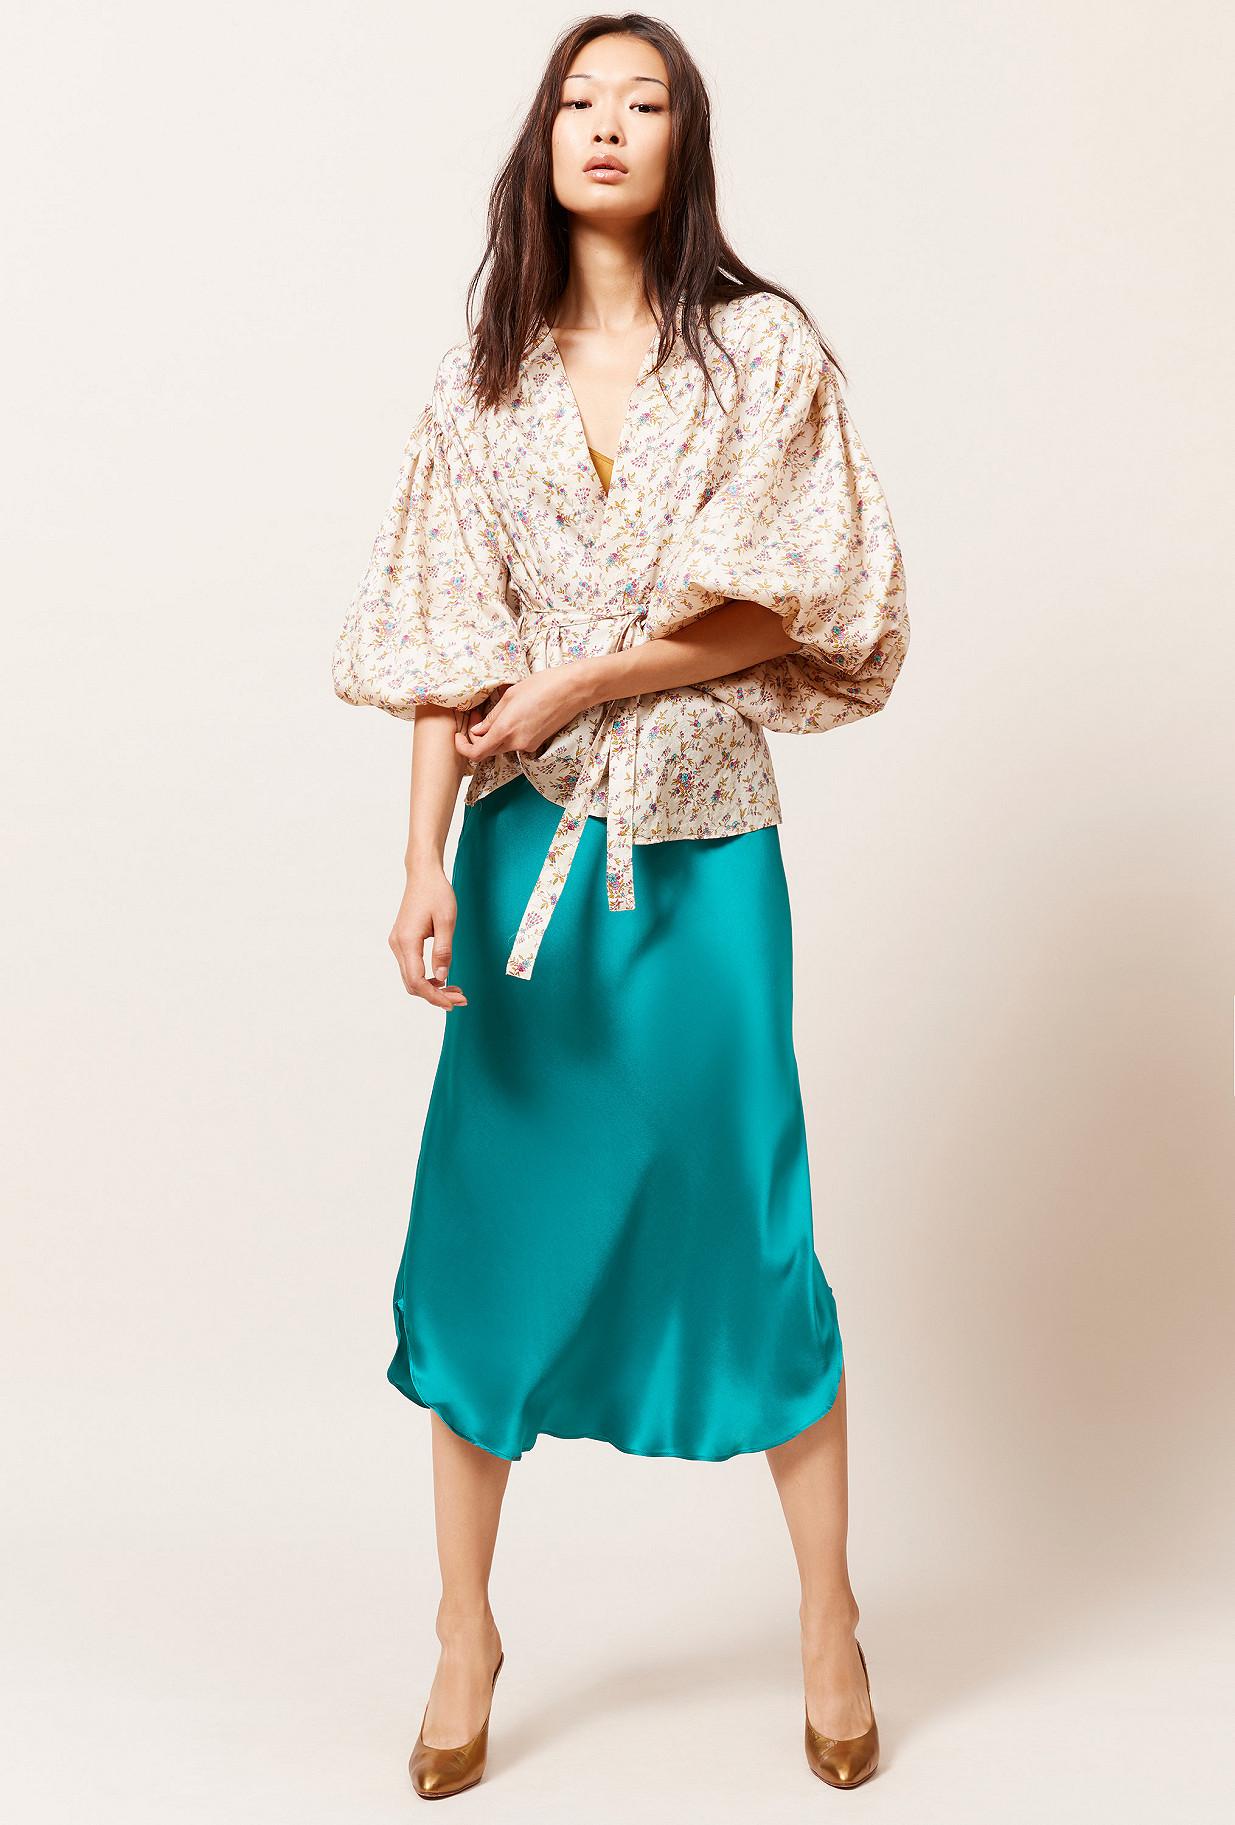 Kimono Imprimé fleuri  Gondolfo mes demoiselles paris vêtement femme paris